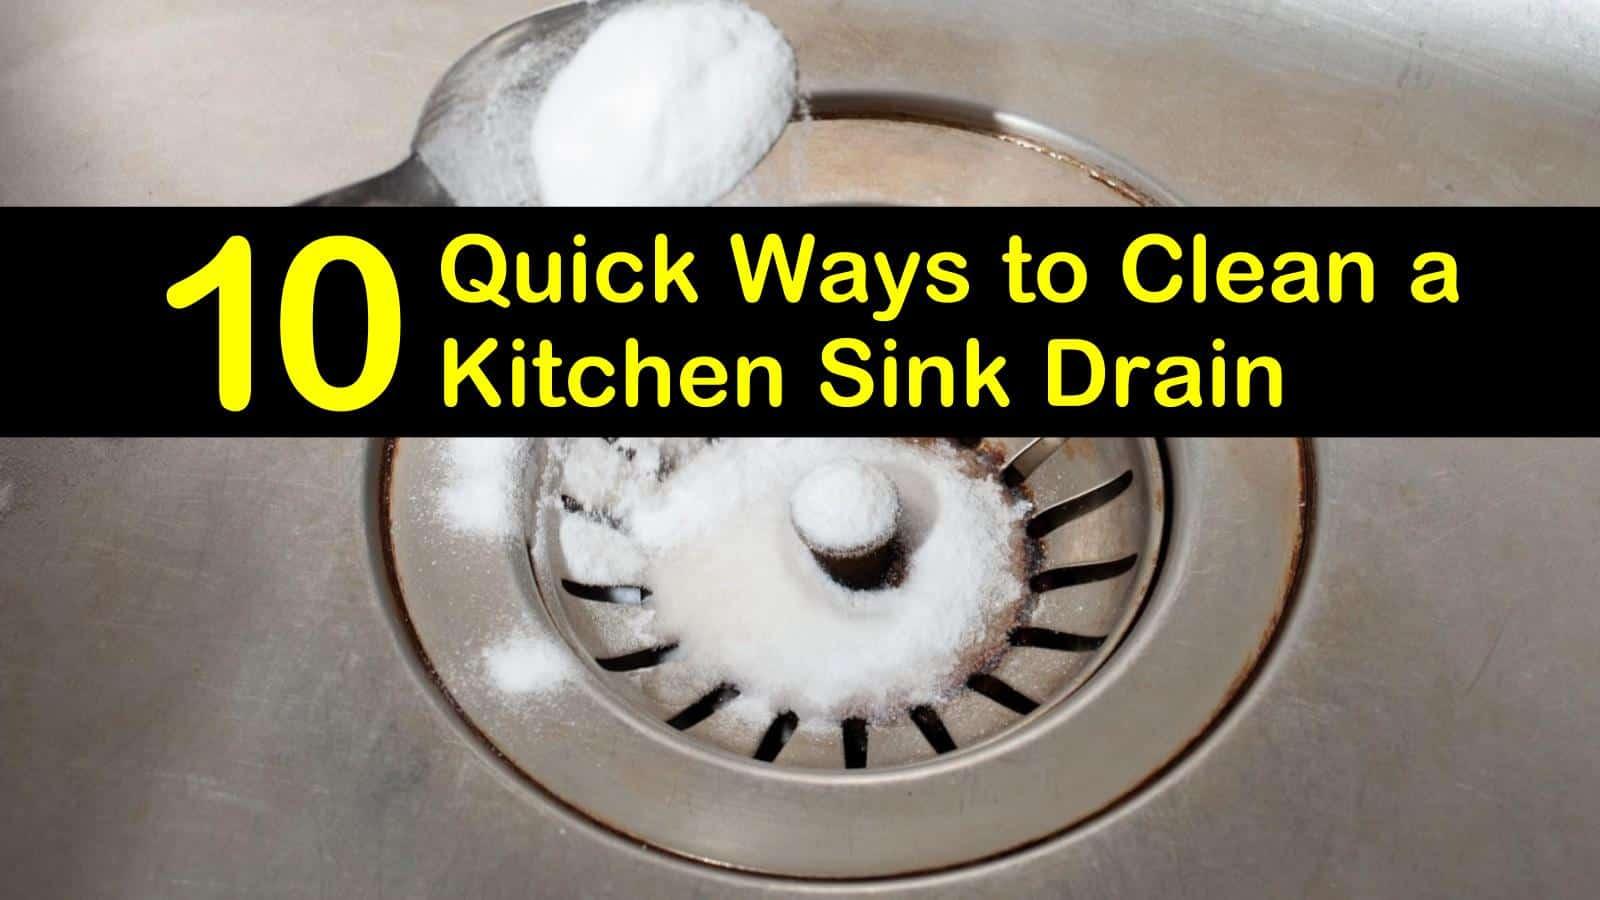 10 quick ways to clean a kitchen sink drain